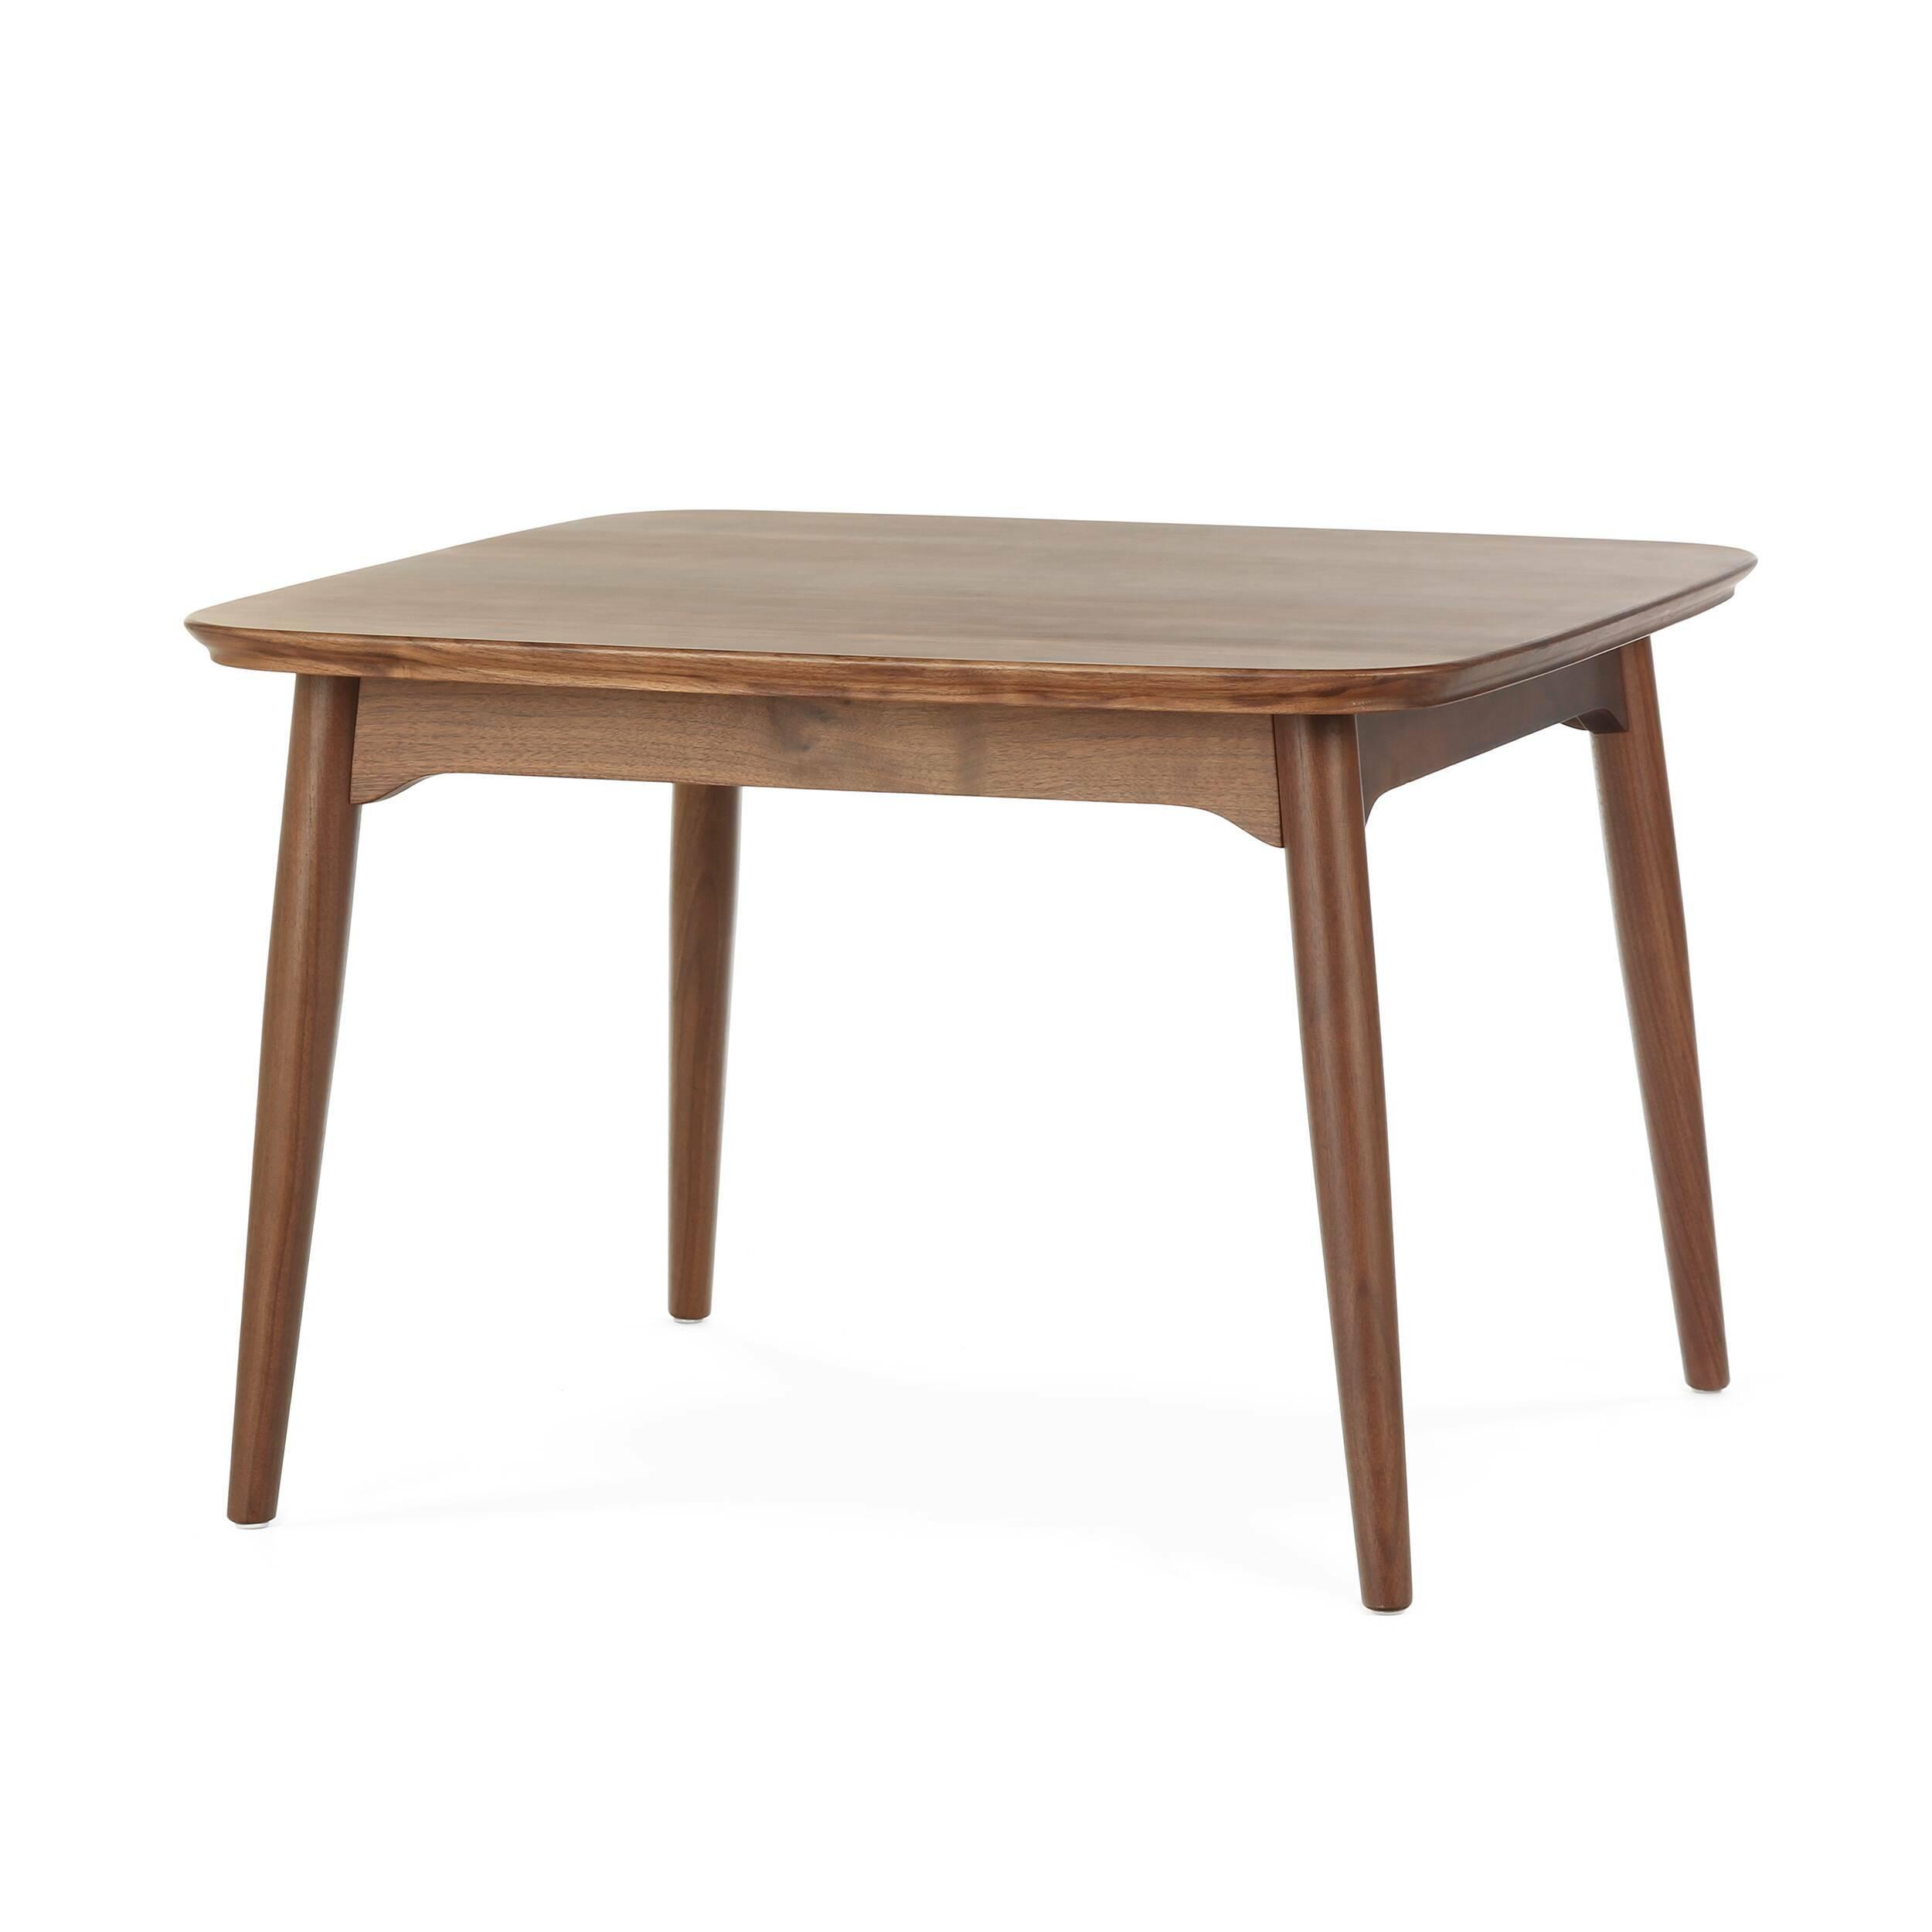 Кофейный стол Dad квадратный малый высота 50Кофейные столики<br>Дизайнерский квадратный деревянный кофейный стол Dad (Дэд) с высотой 50 см обычной формы от Cosmo (Космо).<br><br><br> Представленный здесь строгий и элегантный кофейный стол Dad квадратный малый высота 50, созданный американским дизайнером и архитектором с мировым именем Шоном Диксом, сочетает в себе оттенок традиционной классики и современную простоту. Имеется в двух вариантах: из белого дуба и американского ореха. Эти материалы по праву считаются одними из лучших в производстве мебели, благод...<br><br>stock: 2<br>Высота: 50<br>Ширина: 75<br>Длина: 75<br>Цвет ножек: Орех американский<br>Цвет столешницы: Орех американский<br>Материал ножек: Массив ореха<br>Материал столешницы: Фанера, шпон ореха<br>Тип материала столешницы: Фанера<br>Тип материала ножек: Дерево